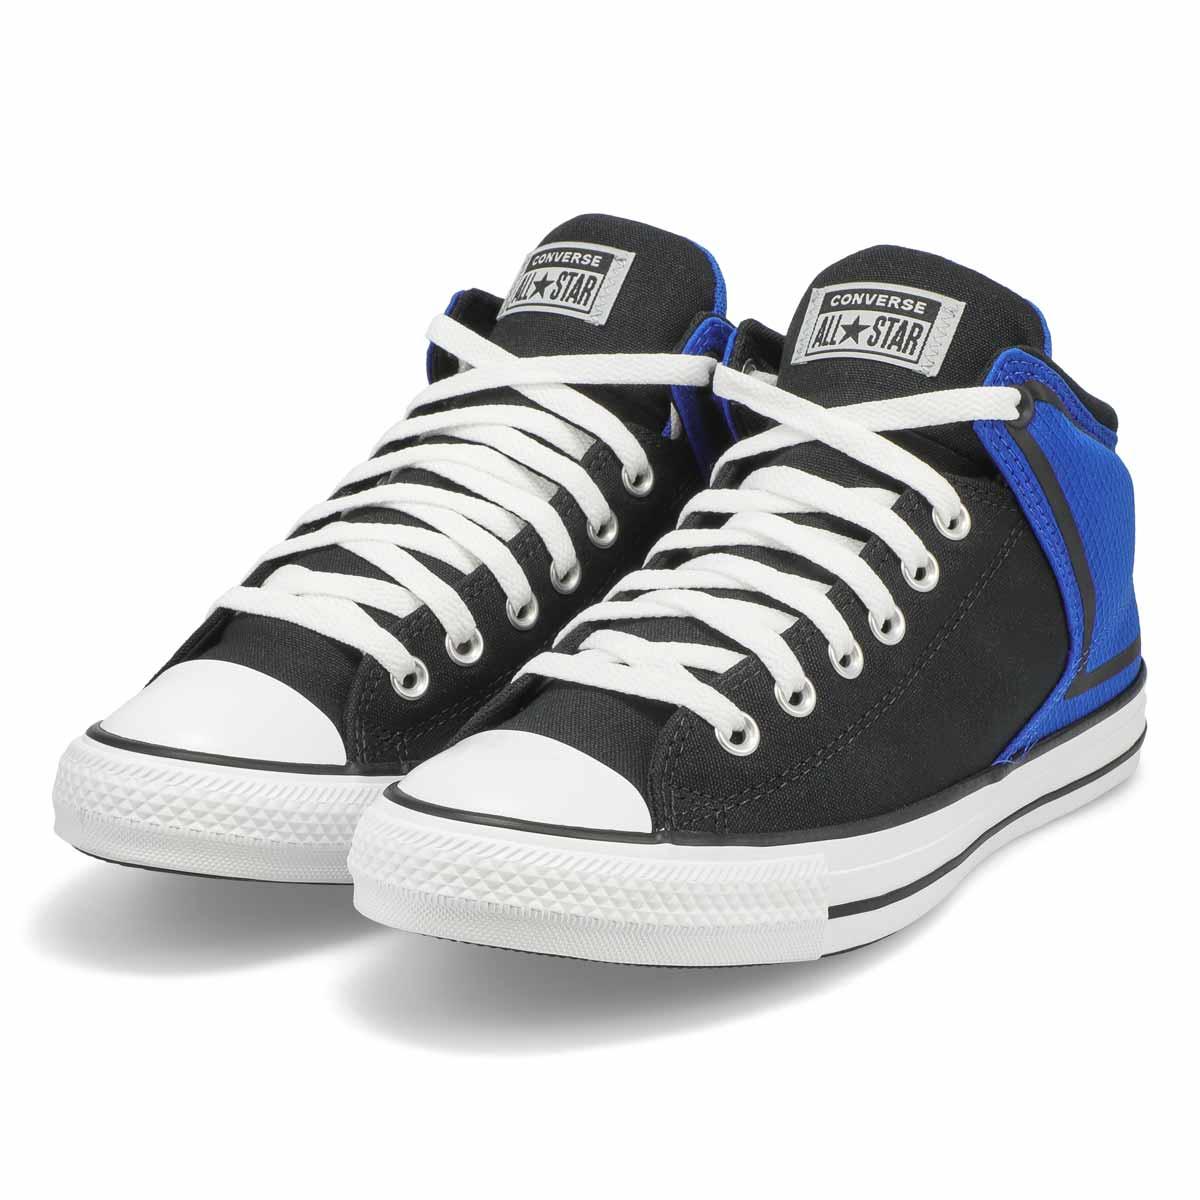 Men's All Star High Street Sneaker